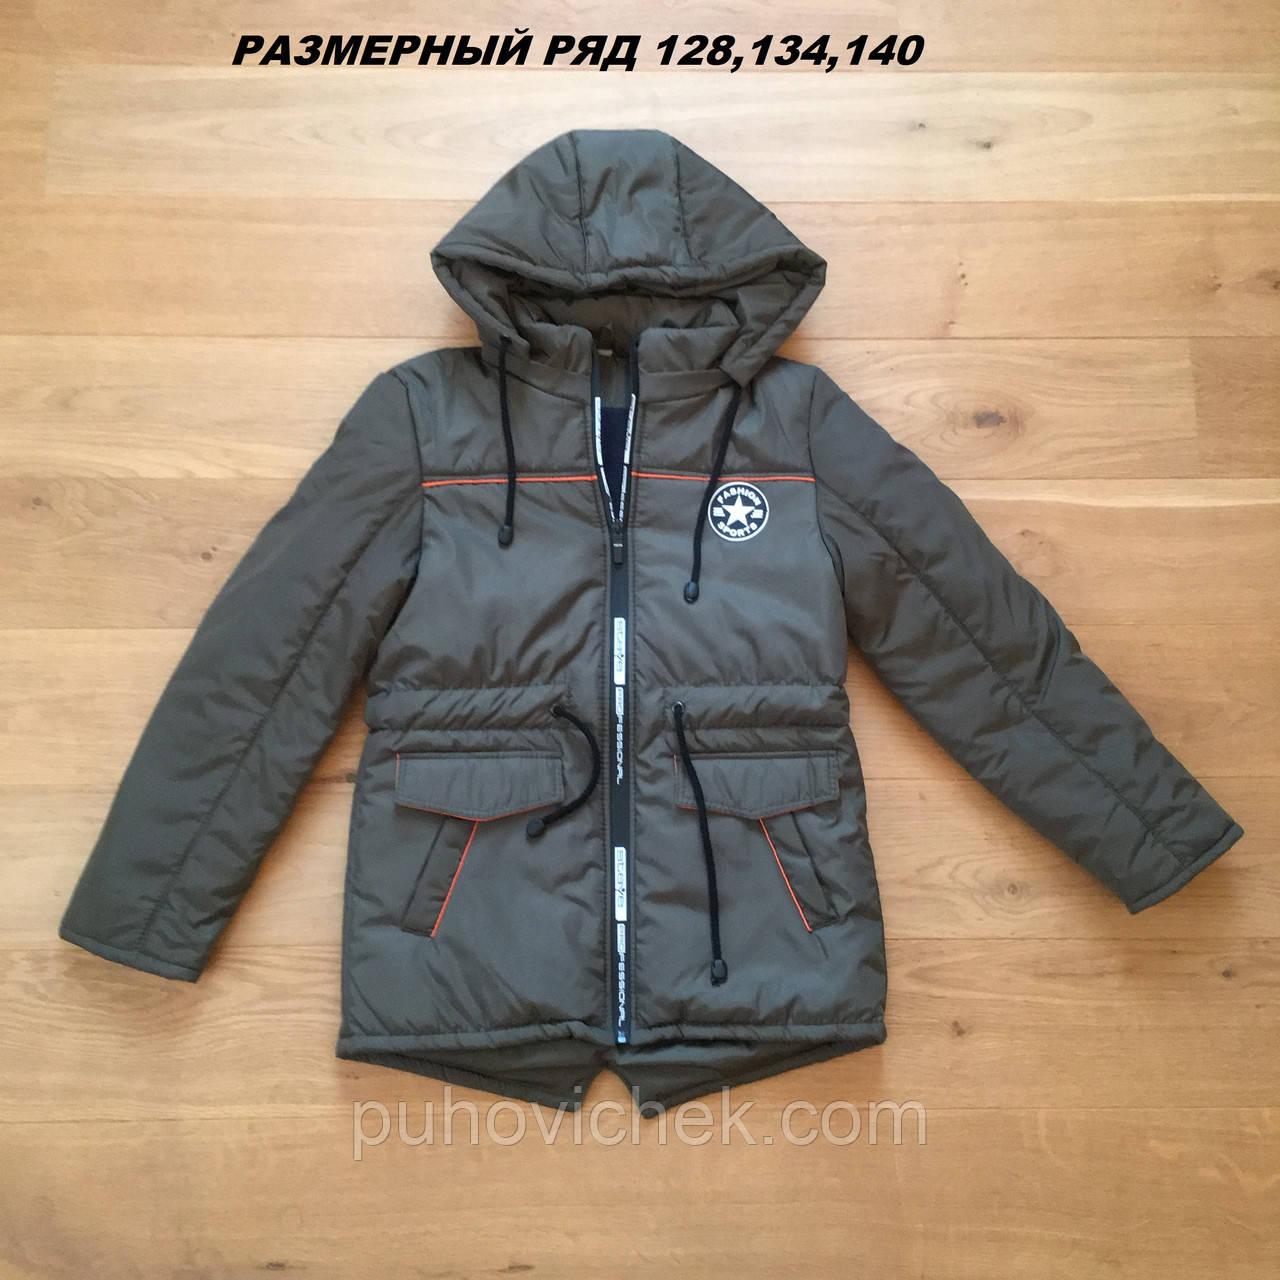 Демисезхонная курточка для мальчика стильная парка